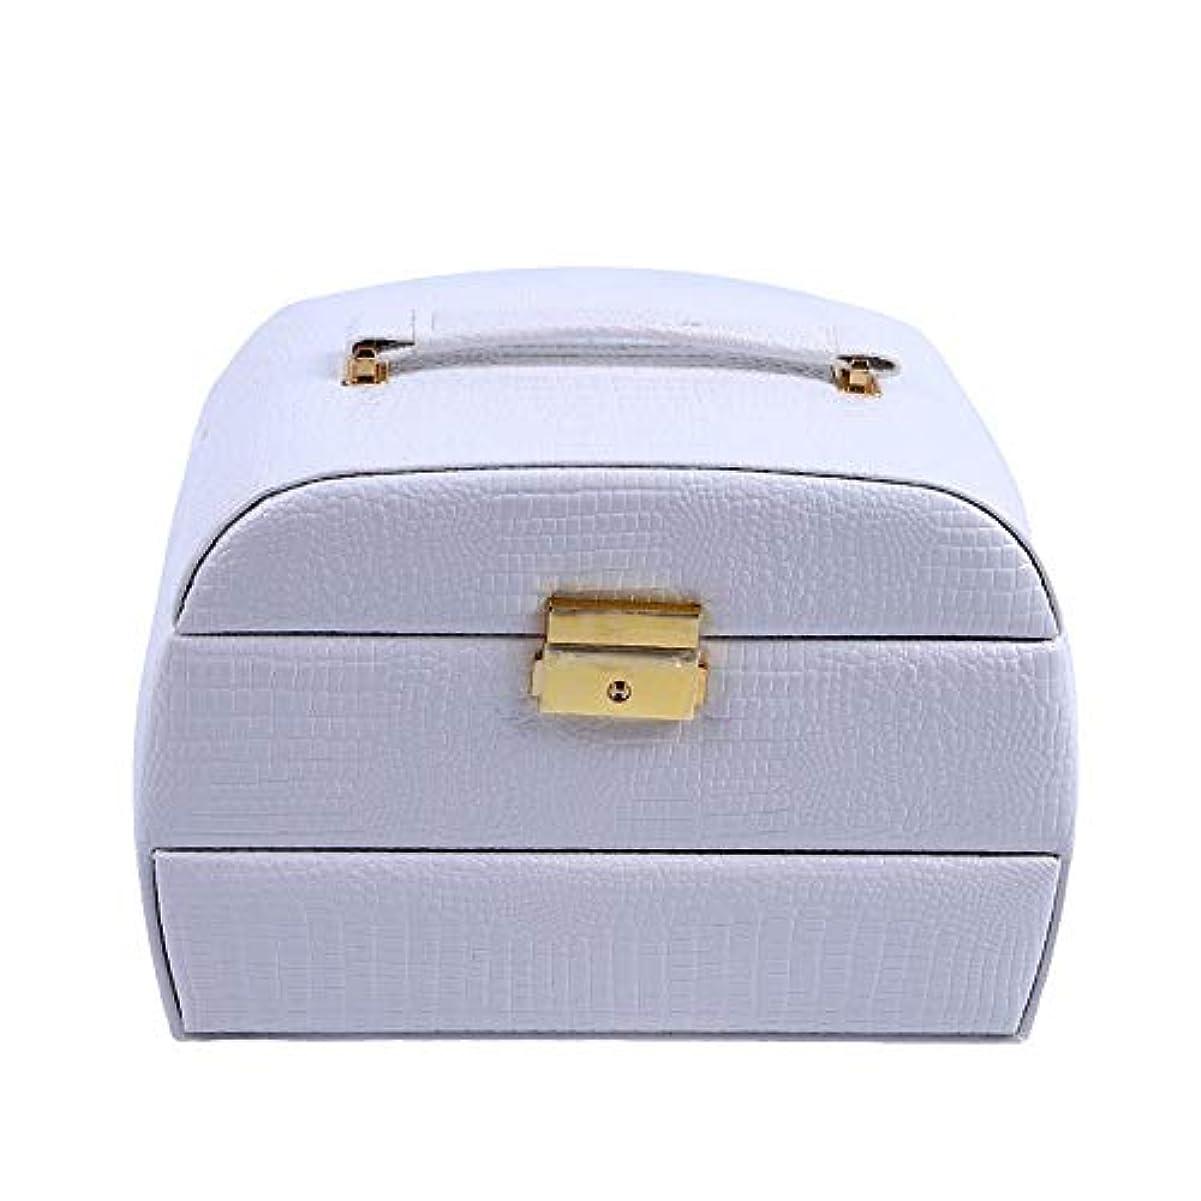 ぼかすチケット最小化粧オーガナイザーバッグ 美容メイクアップのための大容量ポータブル化粧ケース、女性化粧ミラー付きのロック付き女性旅行と毎日の保管 化粧品ケース